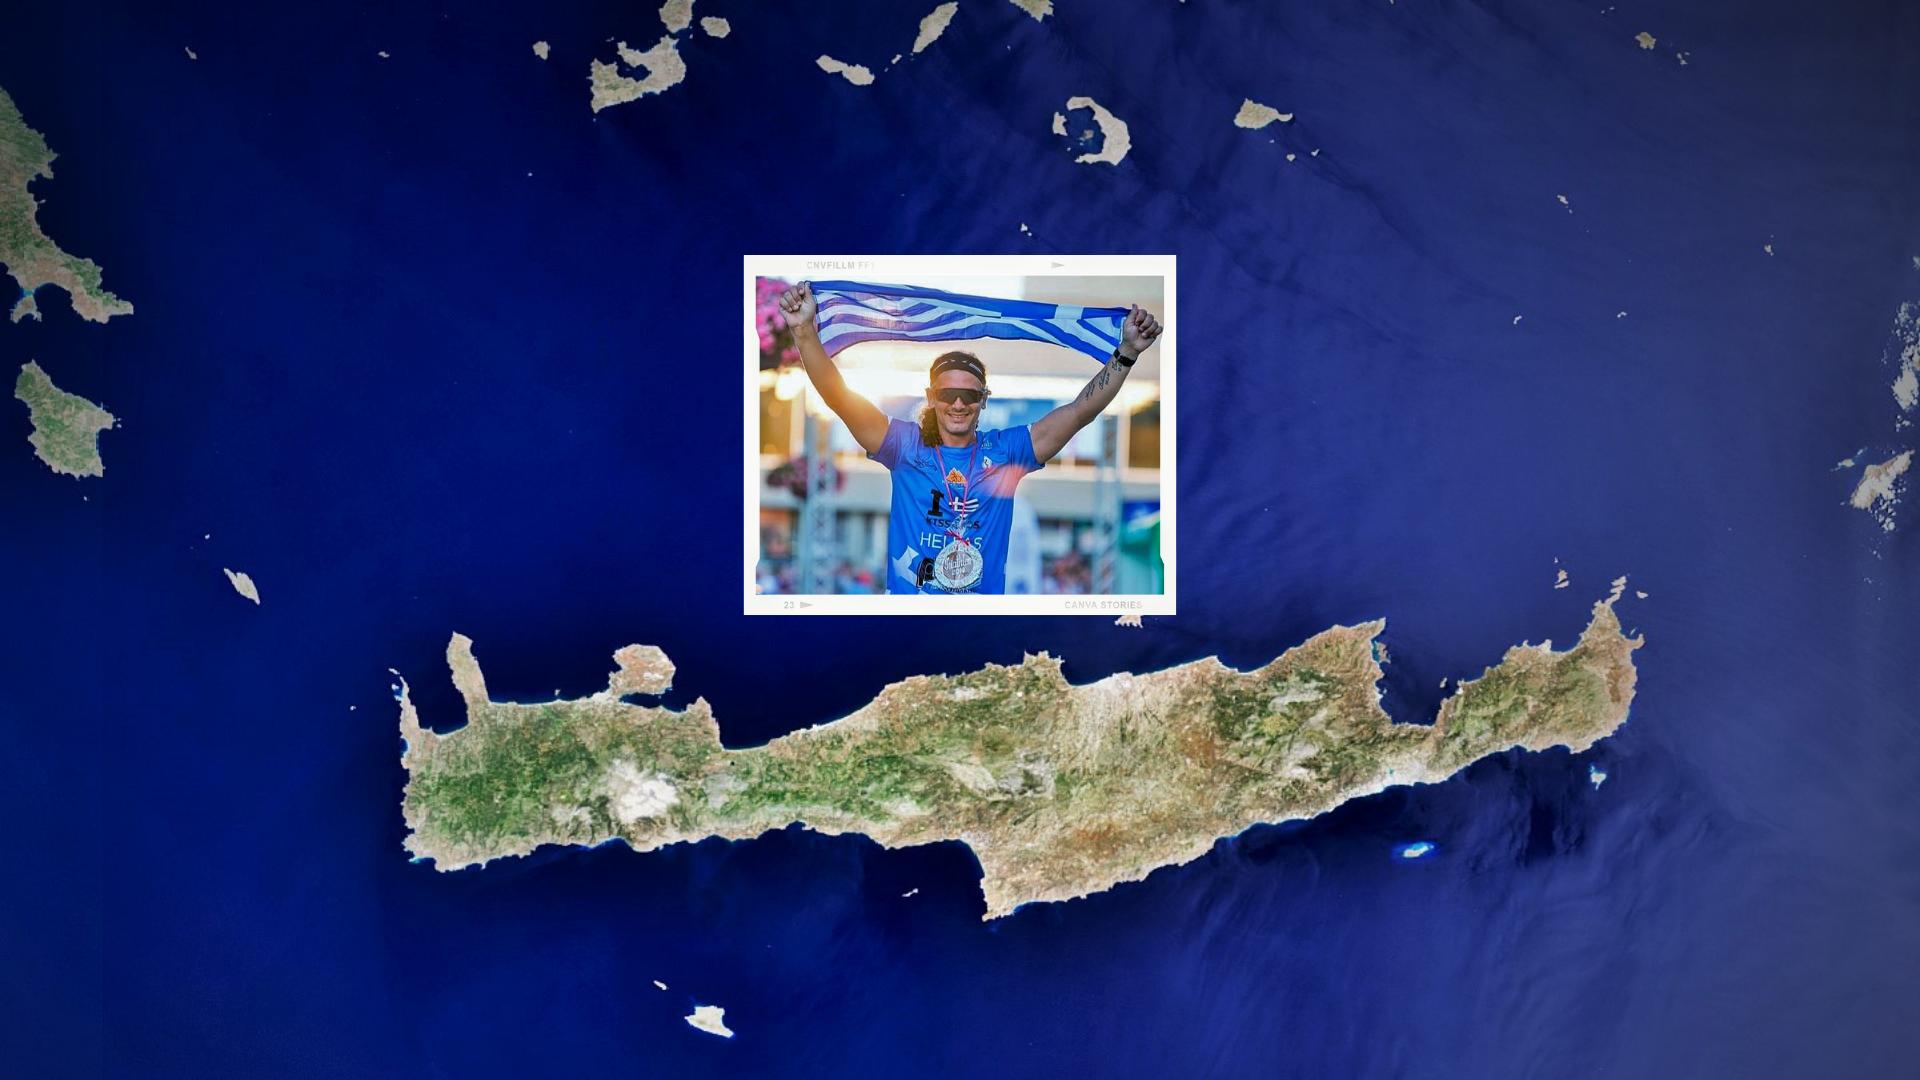 Κώστας Βαρουχάκης: Ο άνθρωπος που θα διασχίσει την Κρήτη για τα παιδιά με αναπηρία